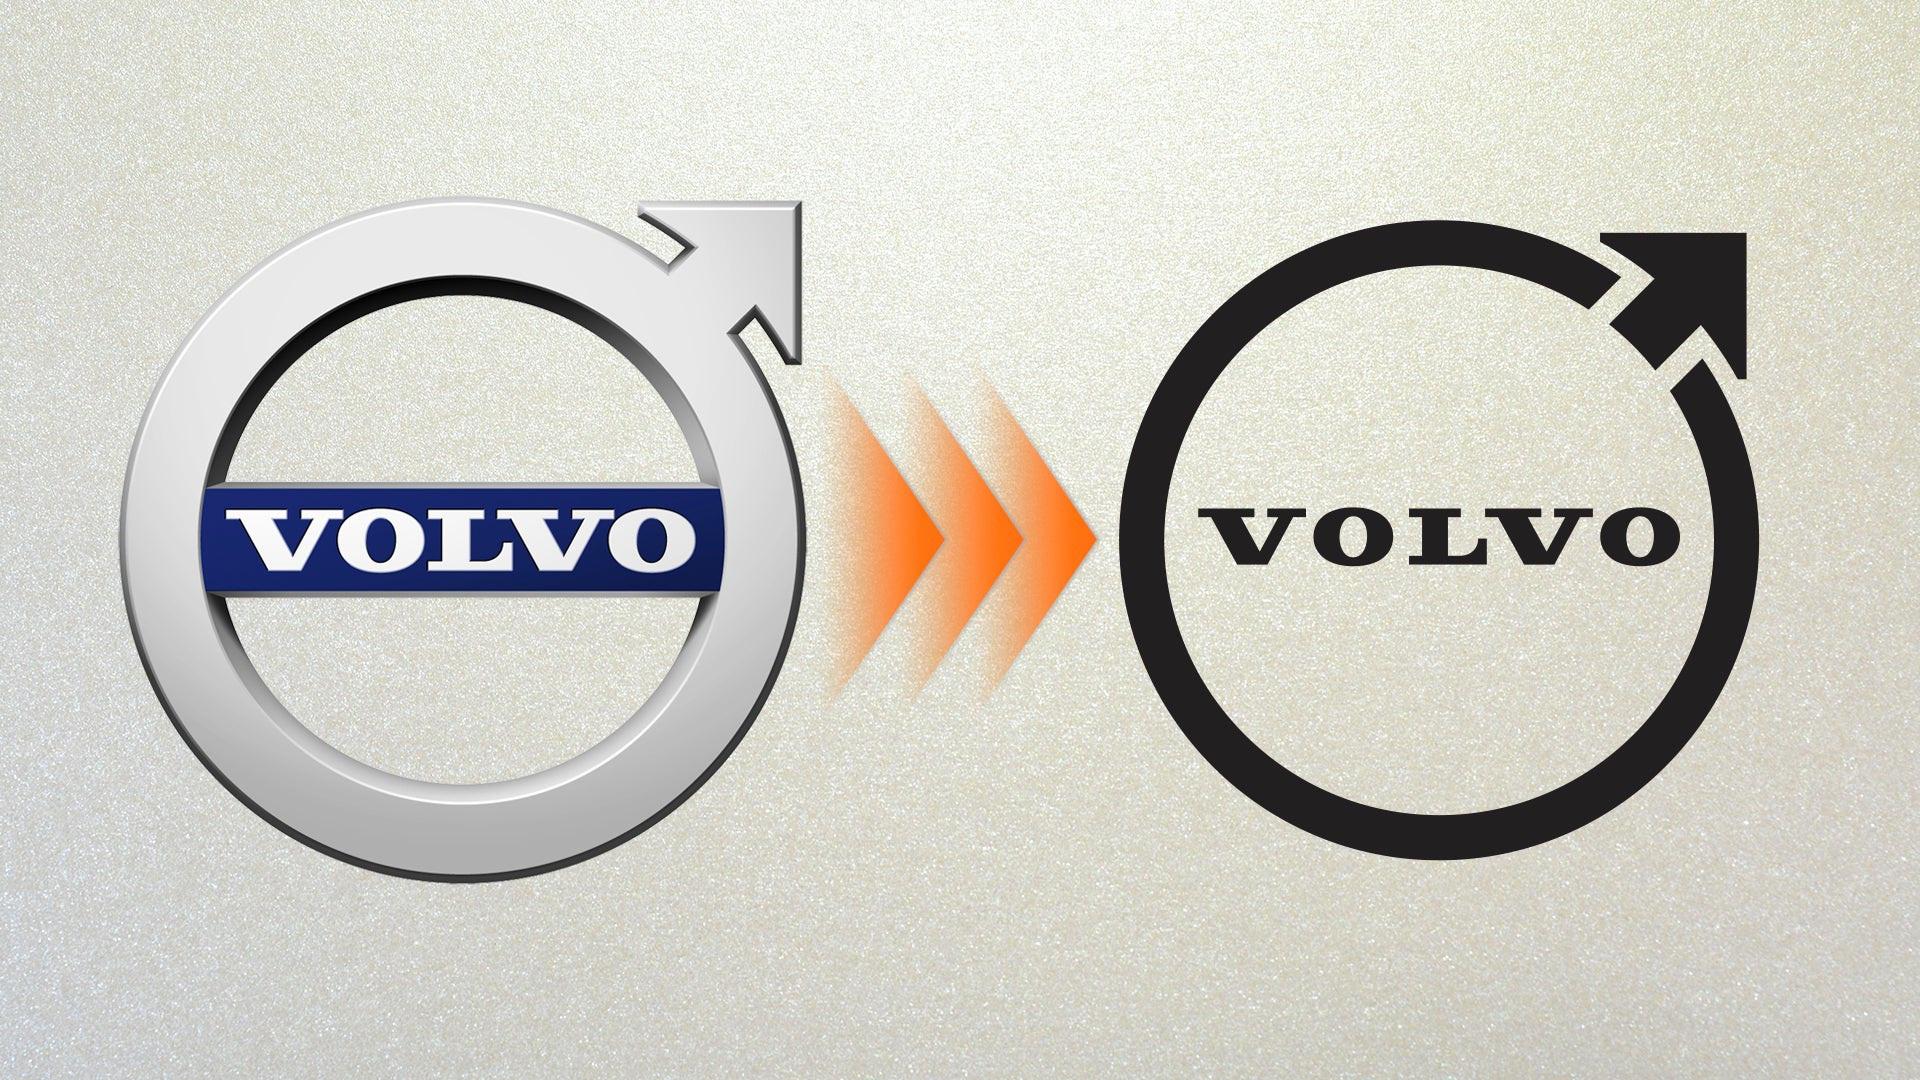 Volvo âm thầm thay đổi logo - 1